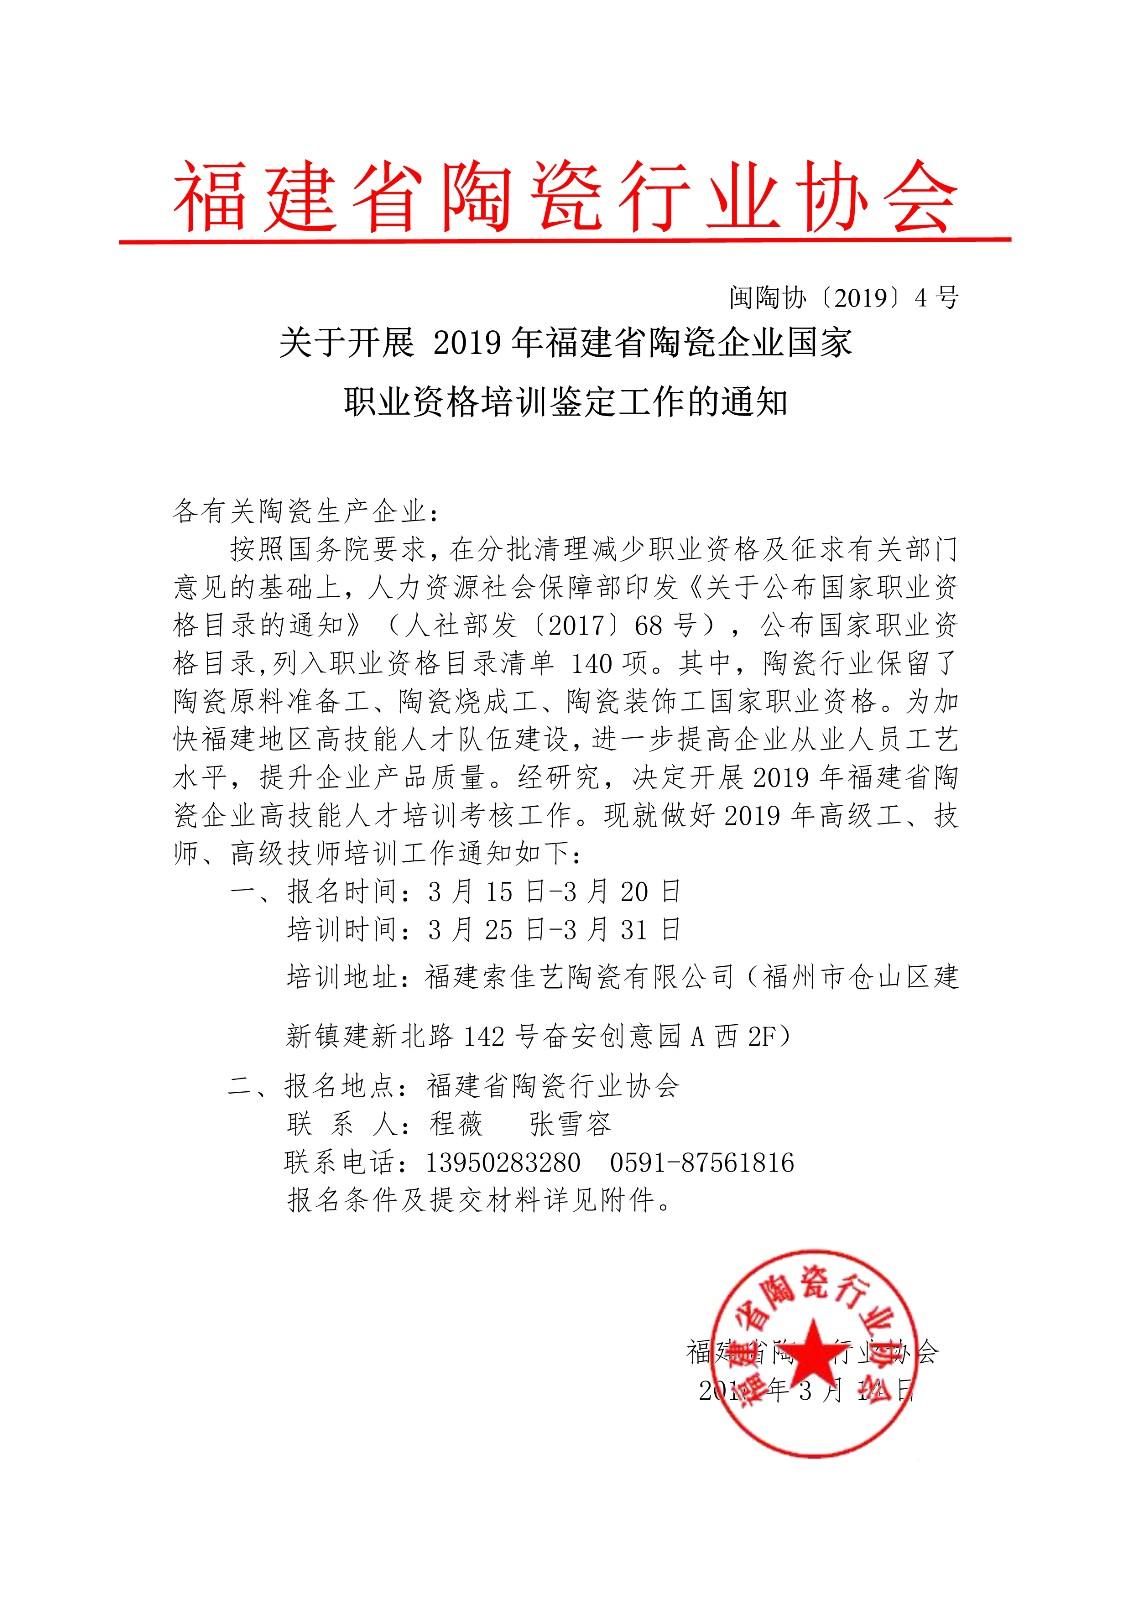 关于开展 2019年betway必威安卓版下载福州市必威客户端app企业国家职业资格培训鉴定工作的通知 - 副本_1.jpg